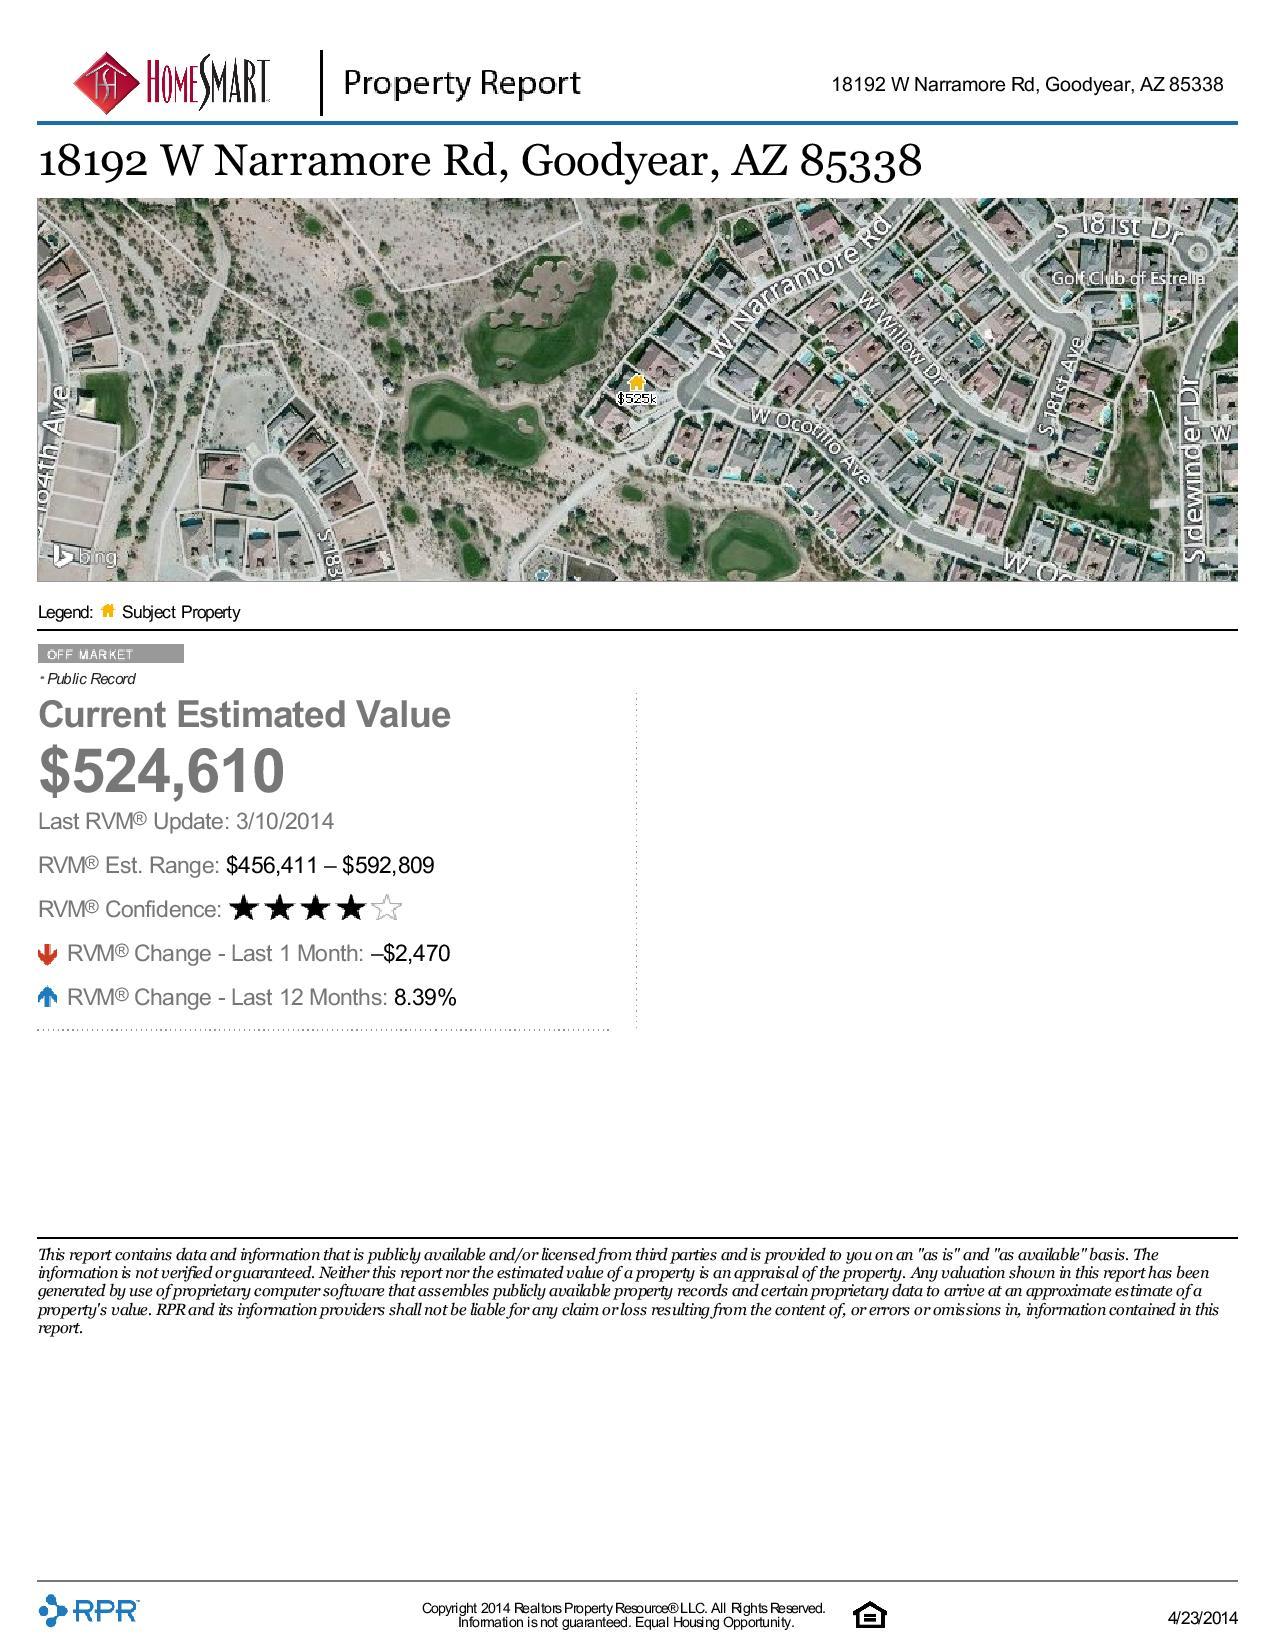 18192-W-Narramore-Rd-Goodyear-AZ-85338-page-002